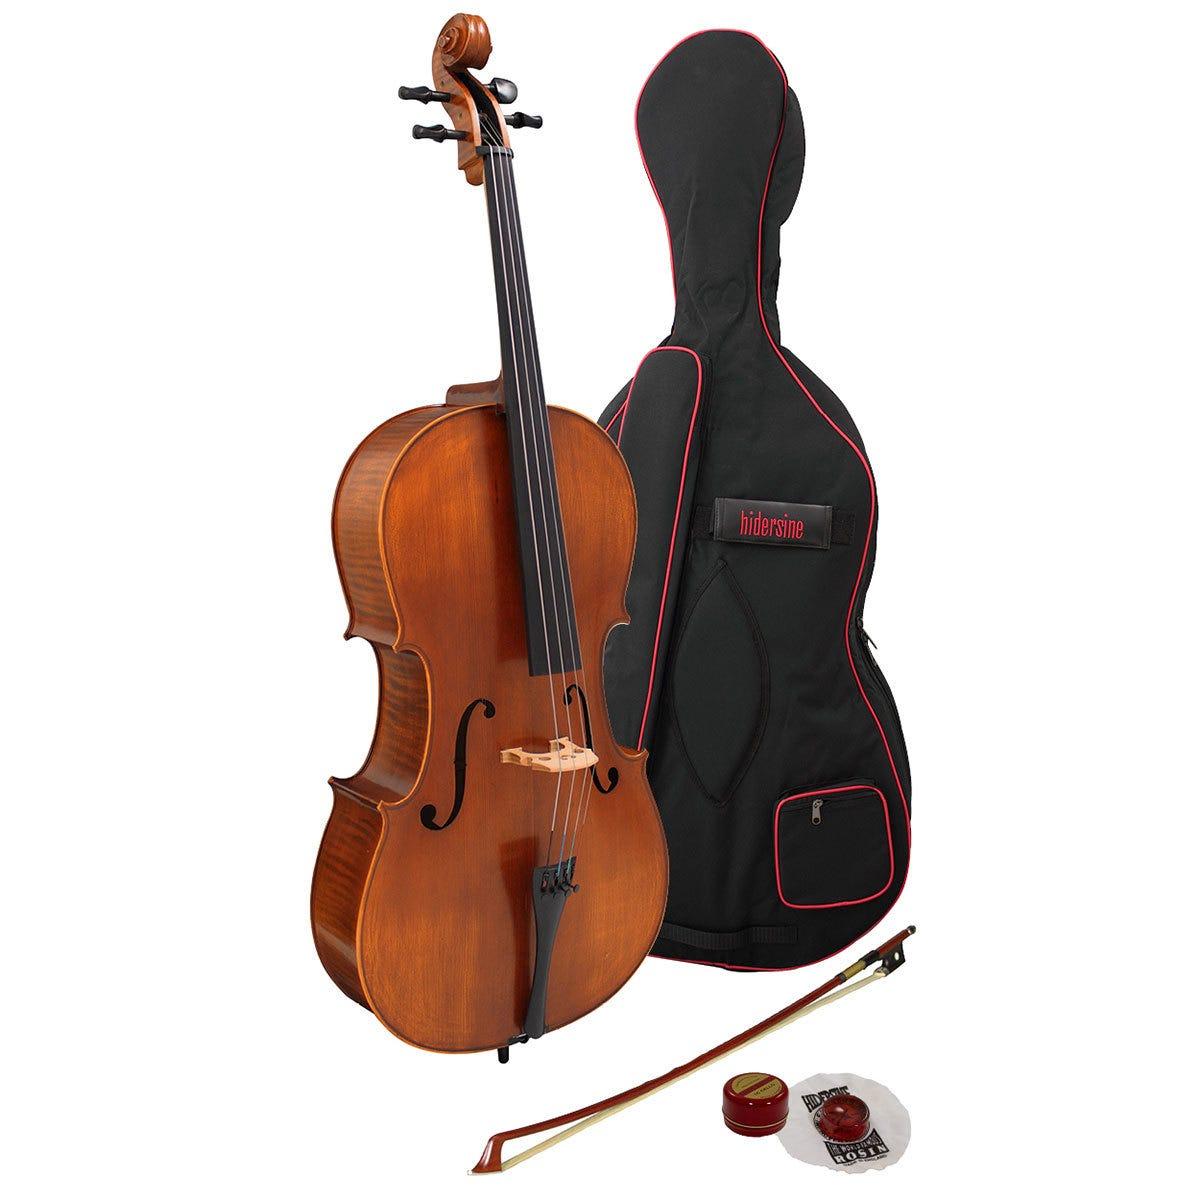 Hidersine Finetune Vivente Academy 4/4 Cello Outfit